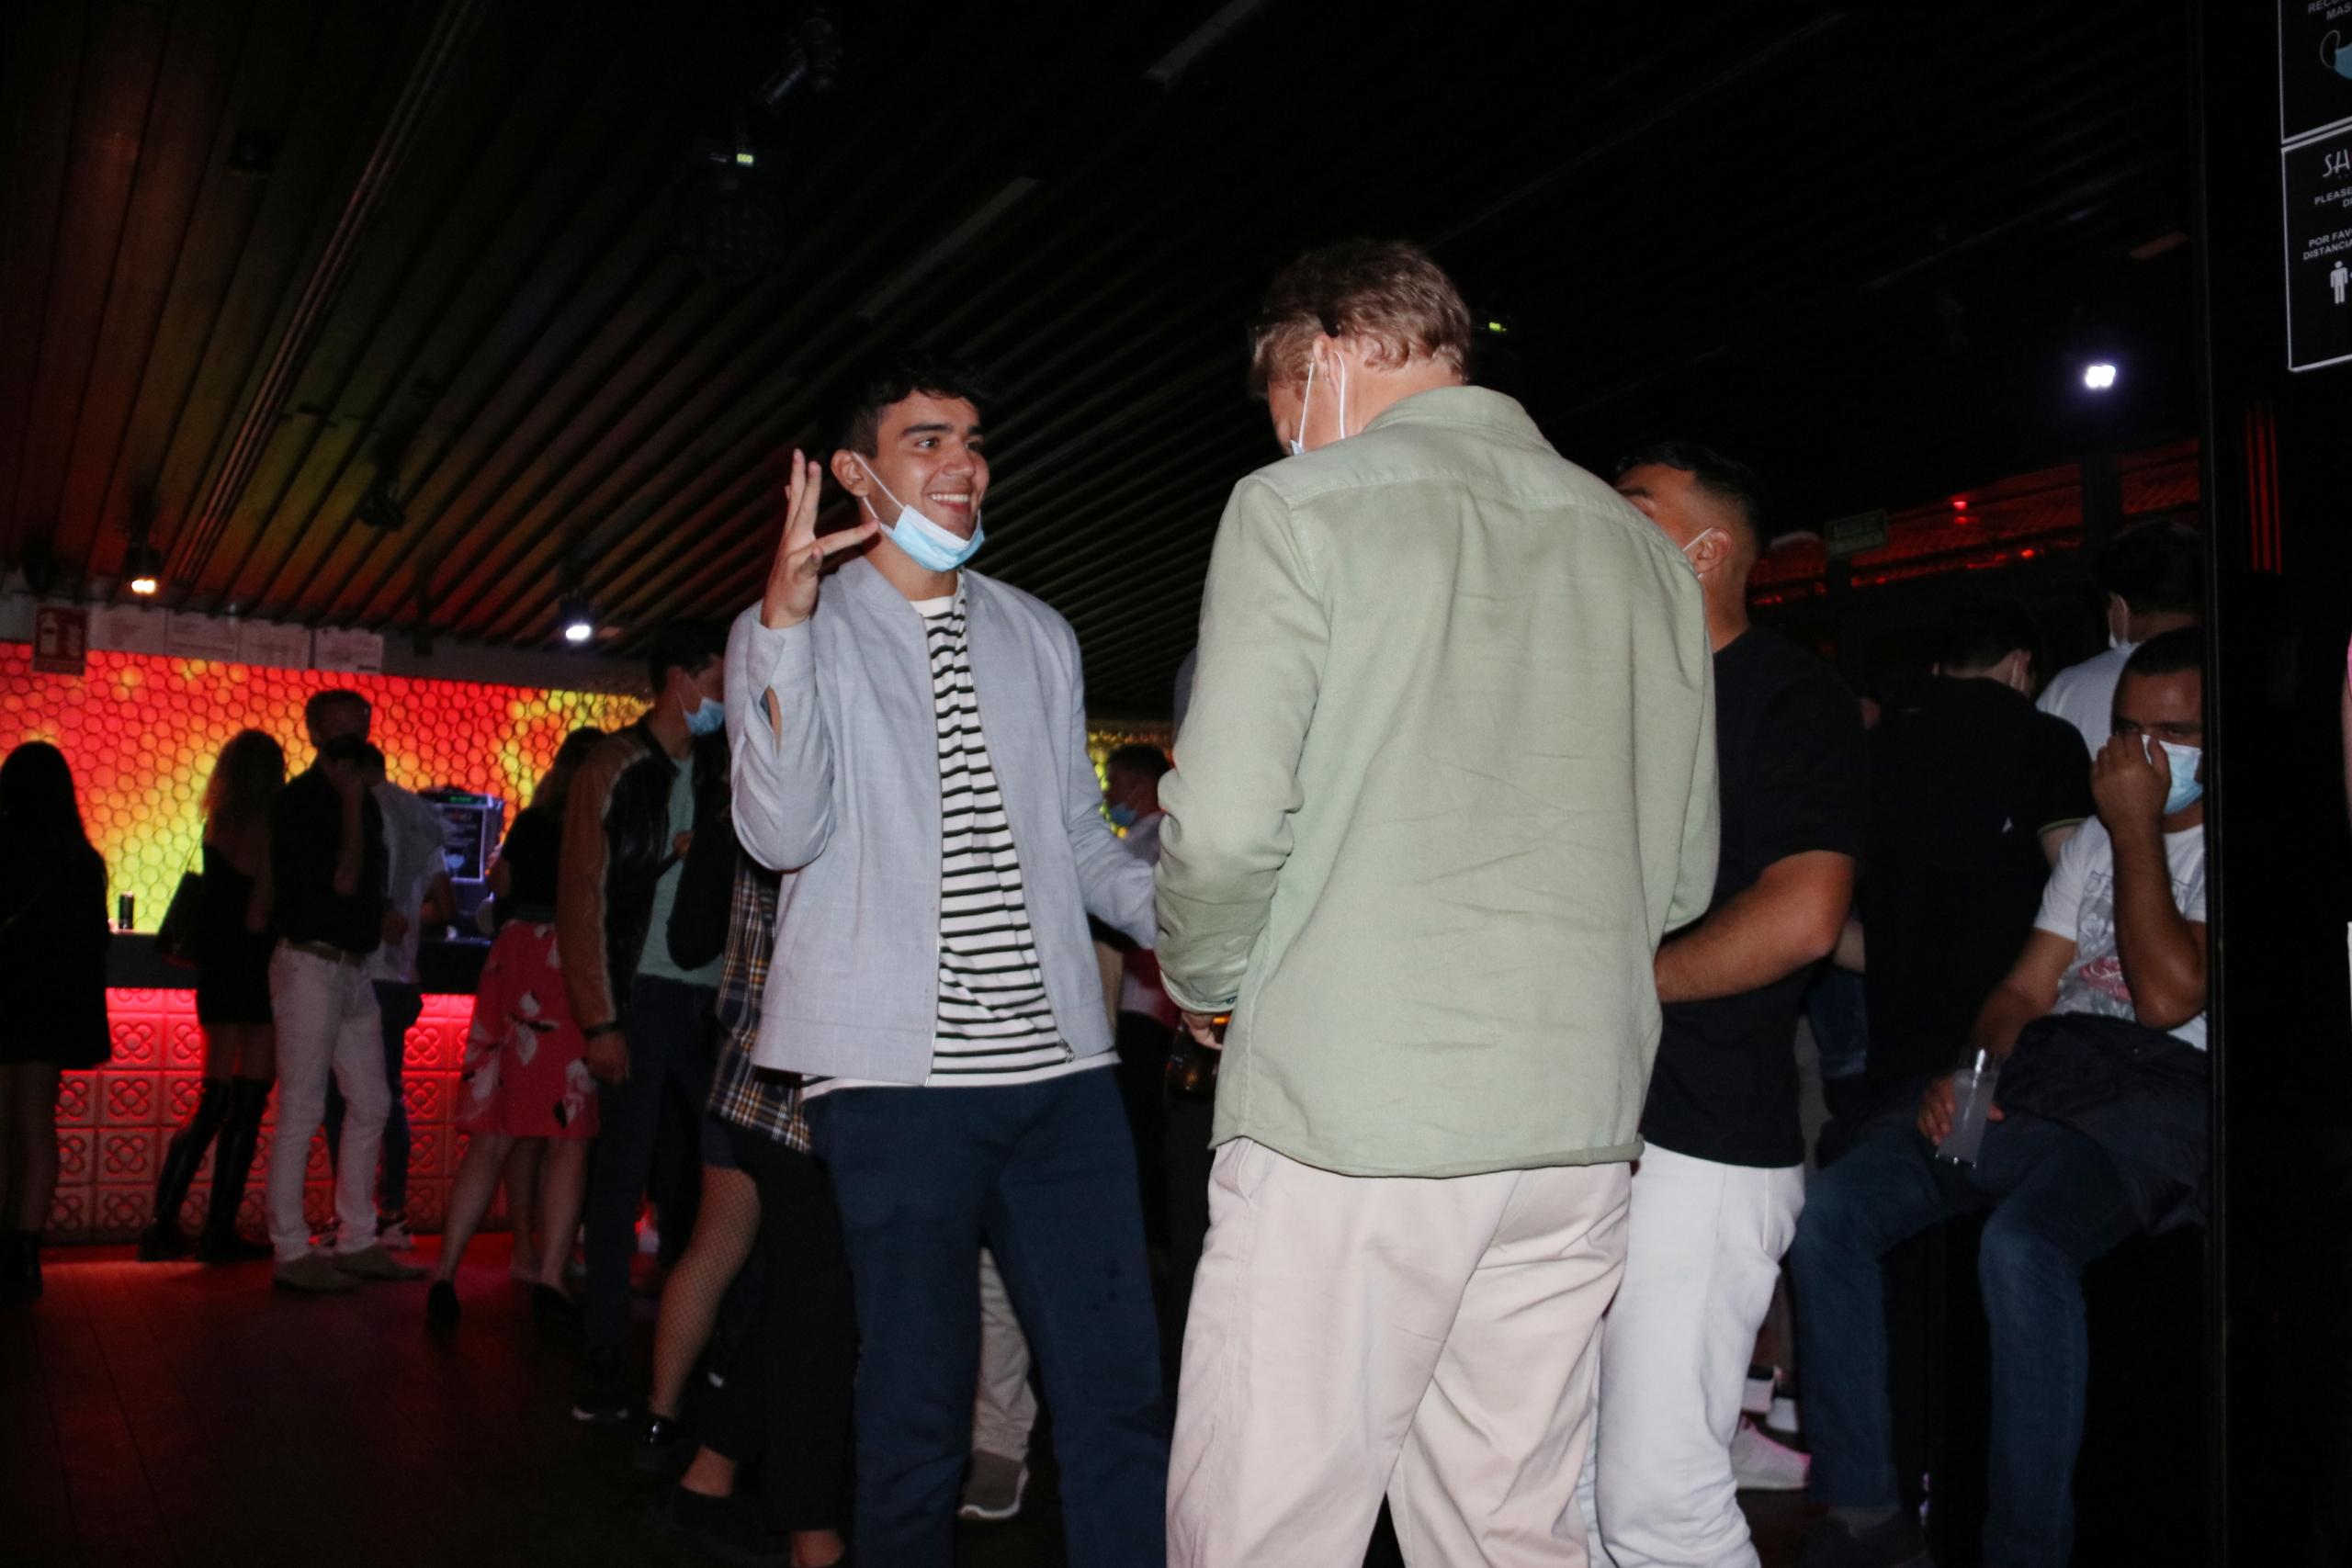 Persones ballant a la discoteca Shôko de Barcelona en la primera nit de reobertura dels locals d'oci nocturn | ACN